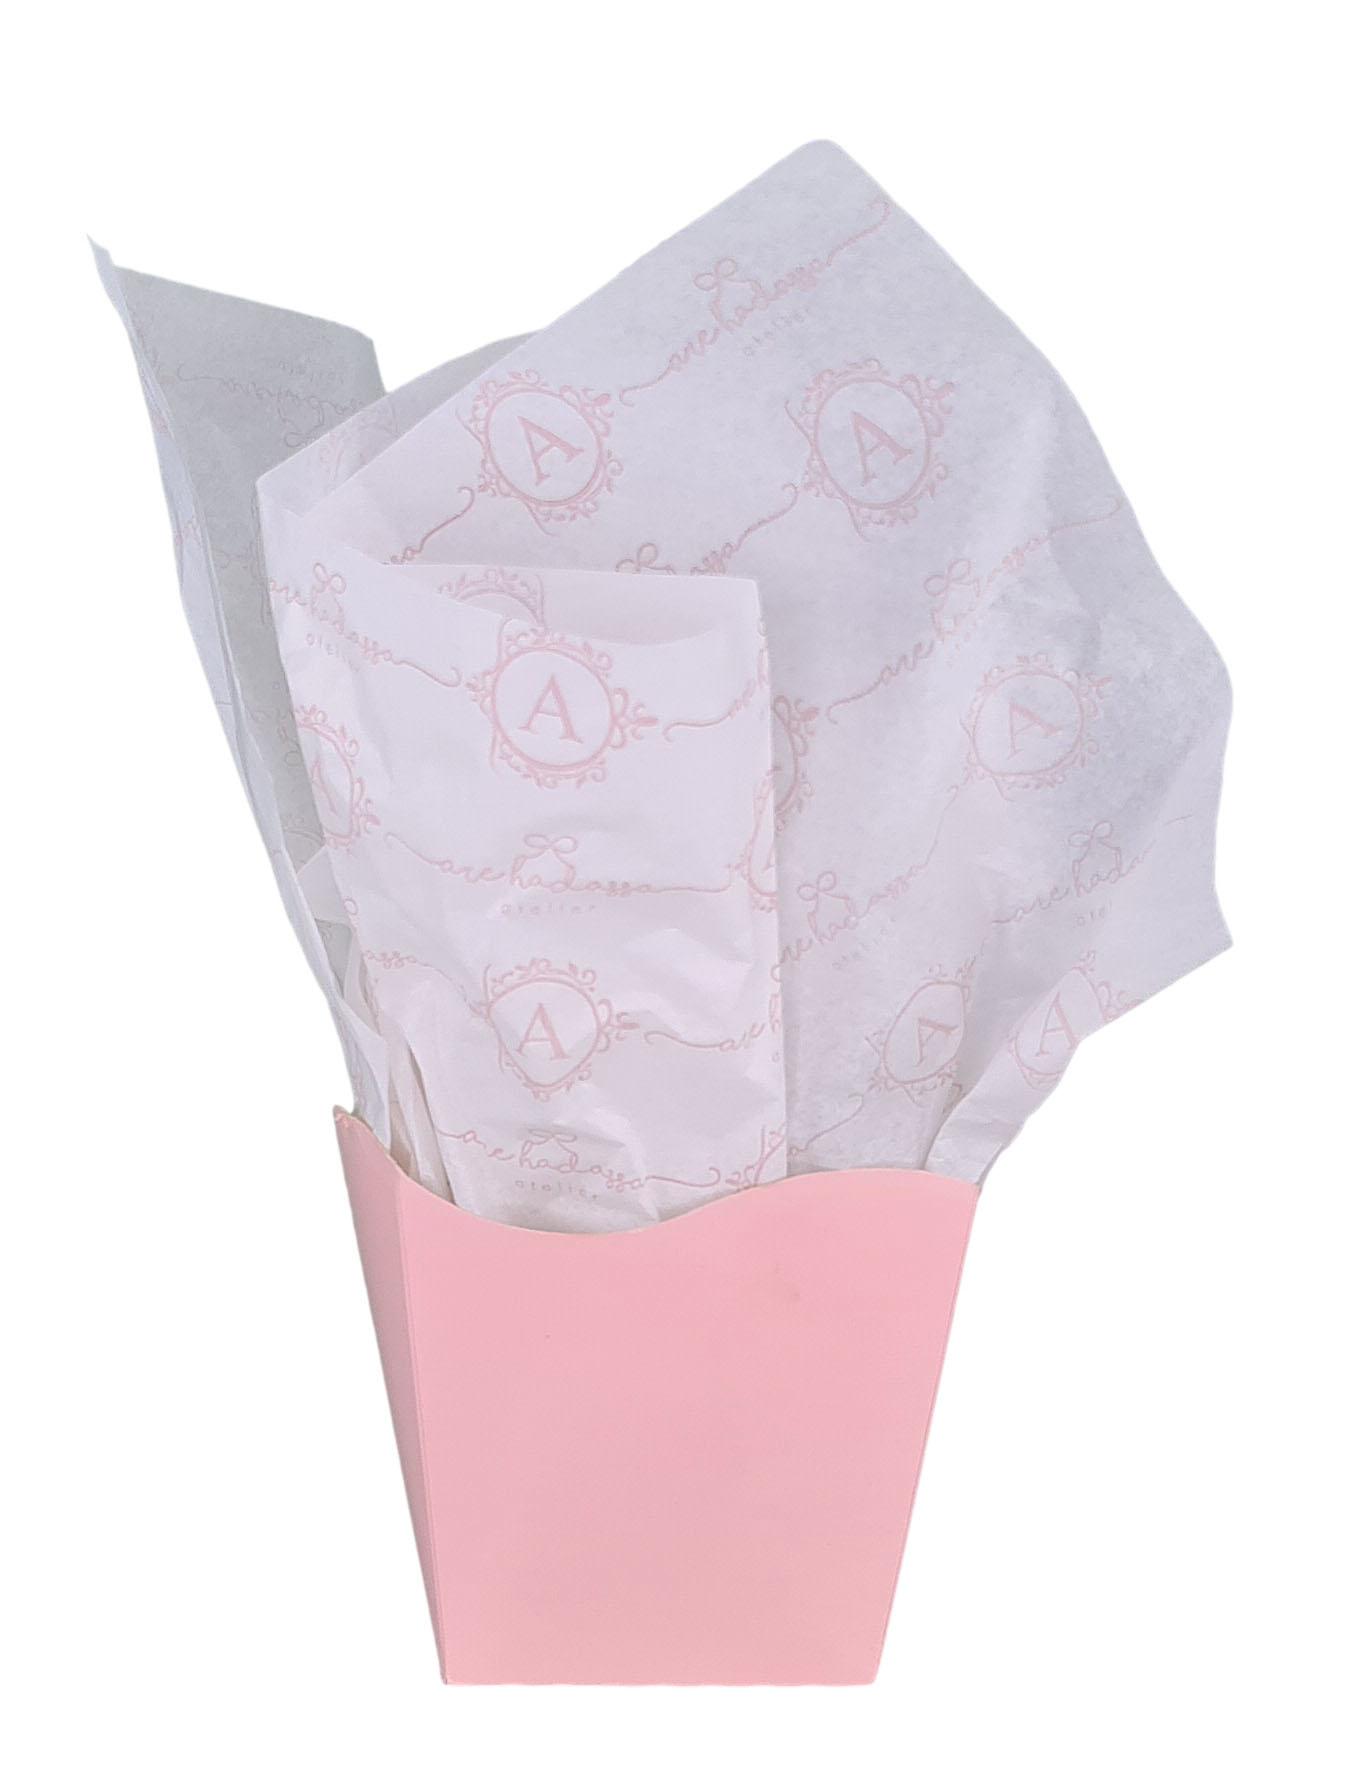 Papel de Seda 20g/m 50x70 Personalização em Flexografia 1 Cor  - Litex Embalagens